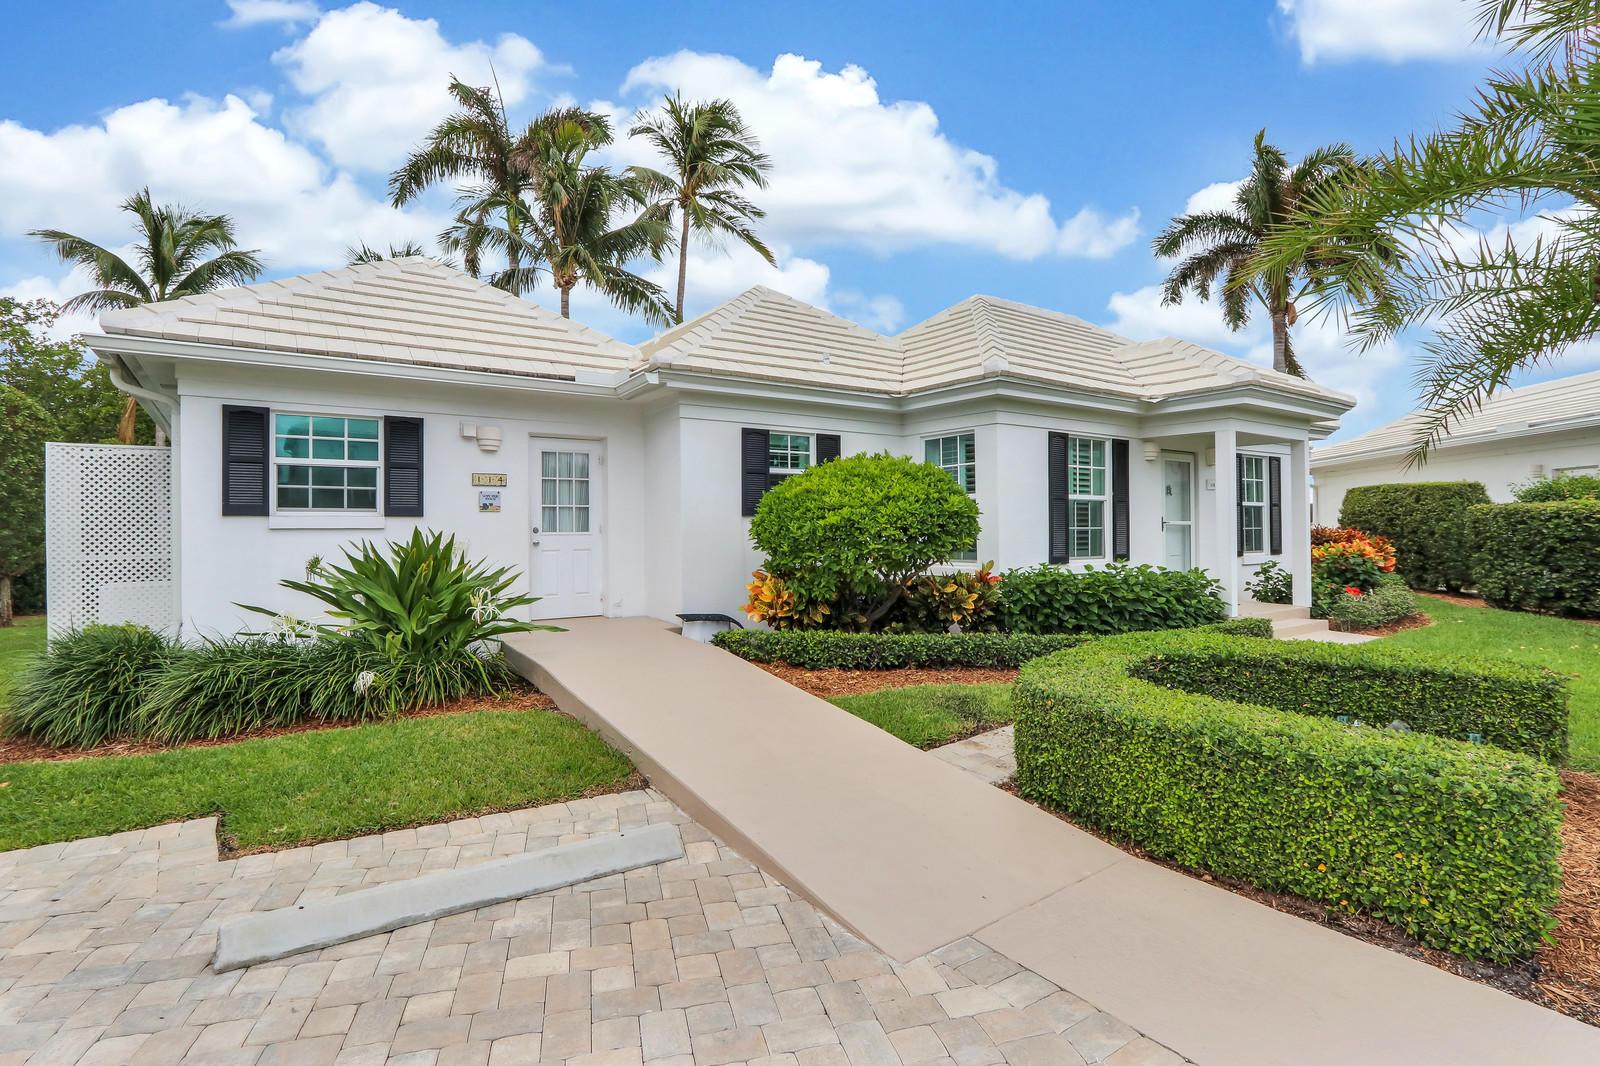 114 Evans Lane, Manalapan, Florida 33462, 3 Bedrooms Bedrooms, ,3 BathroomsBathrooms,Condo/coop,For Sale,Evans,RX-10555787